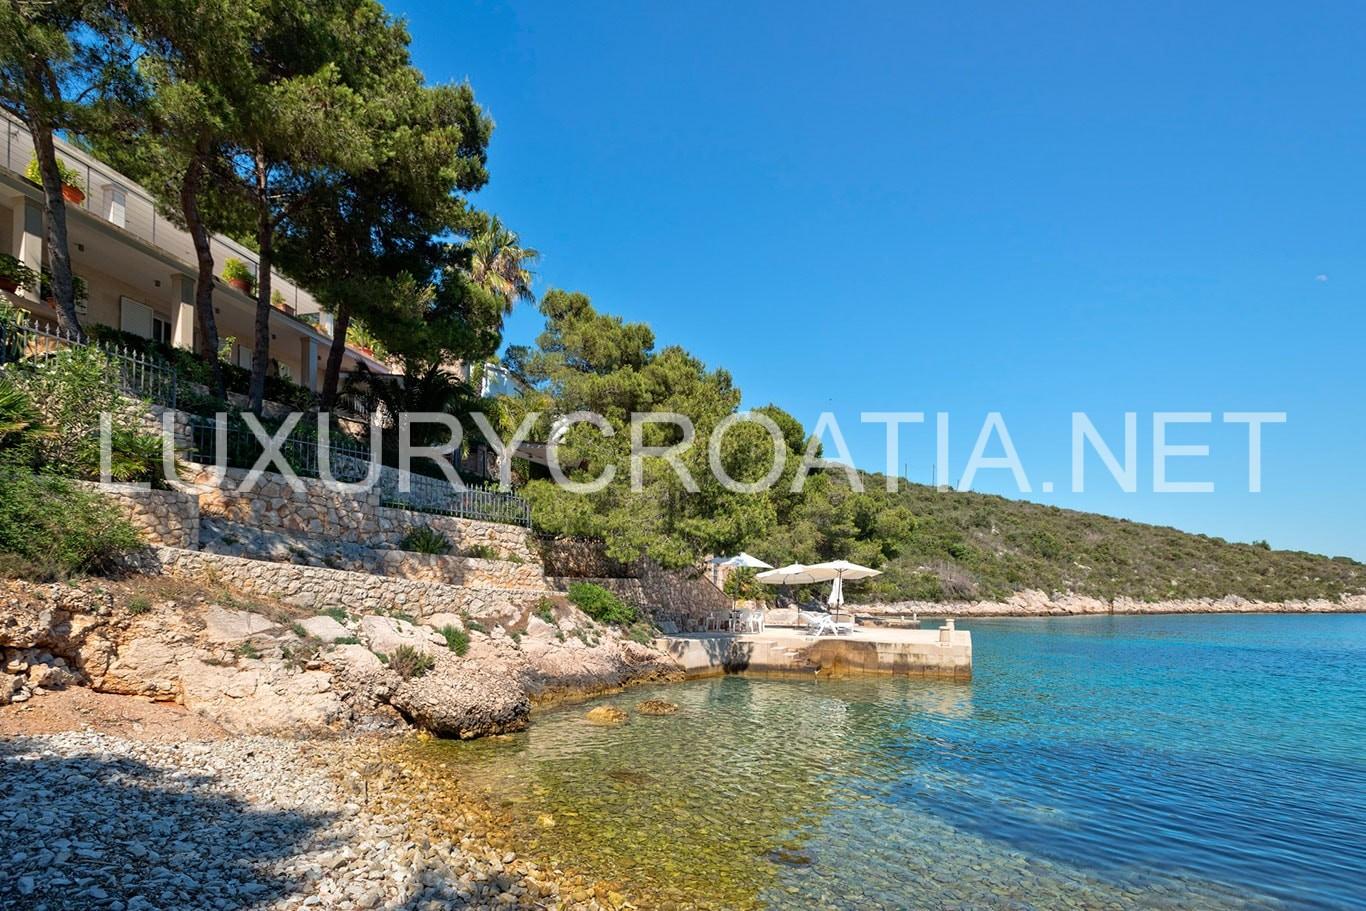 Villa With A Private Beach For Hvar Island Luxurycroatia